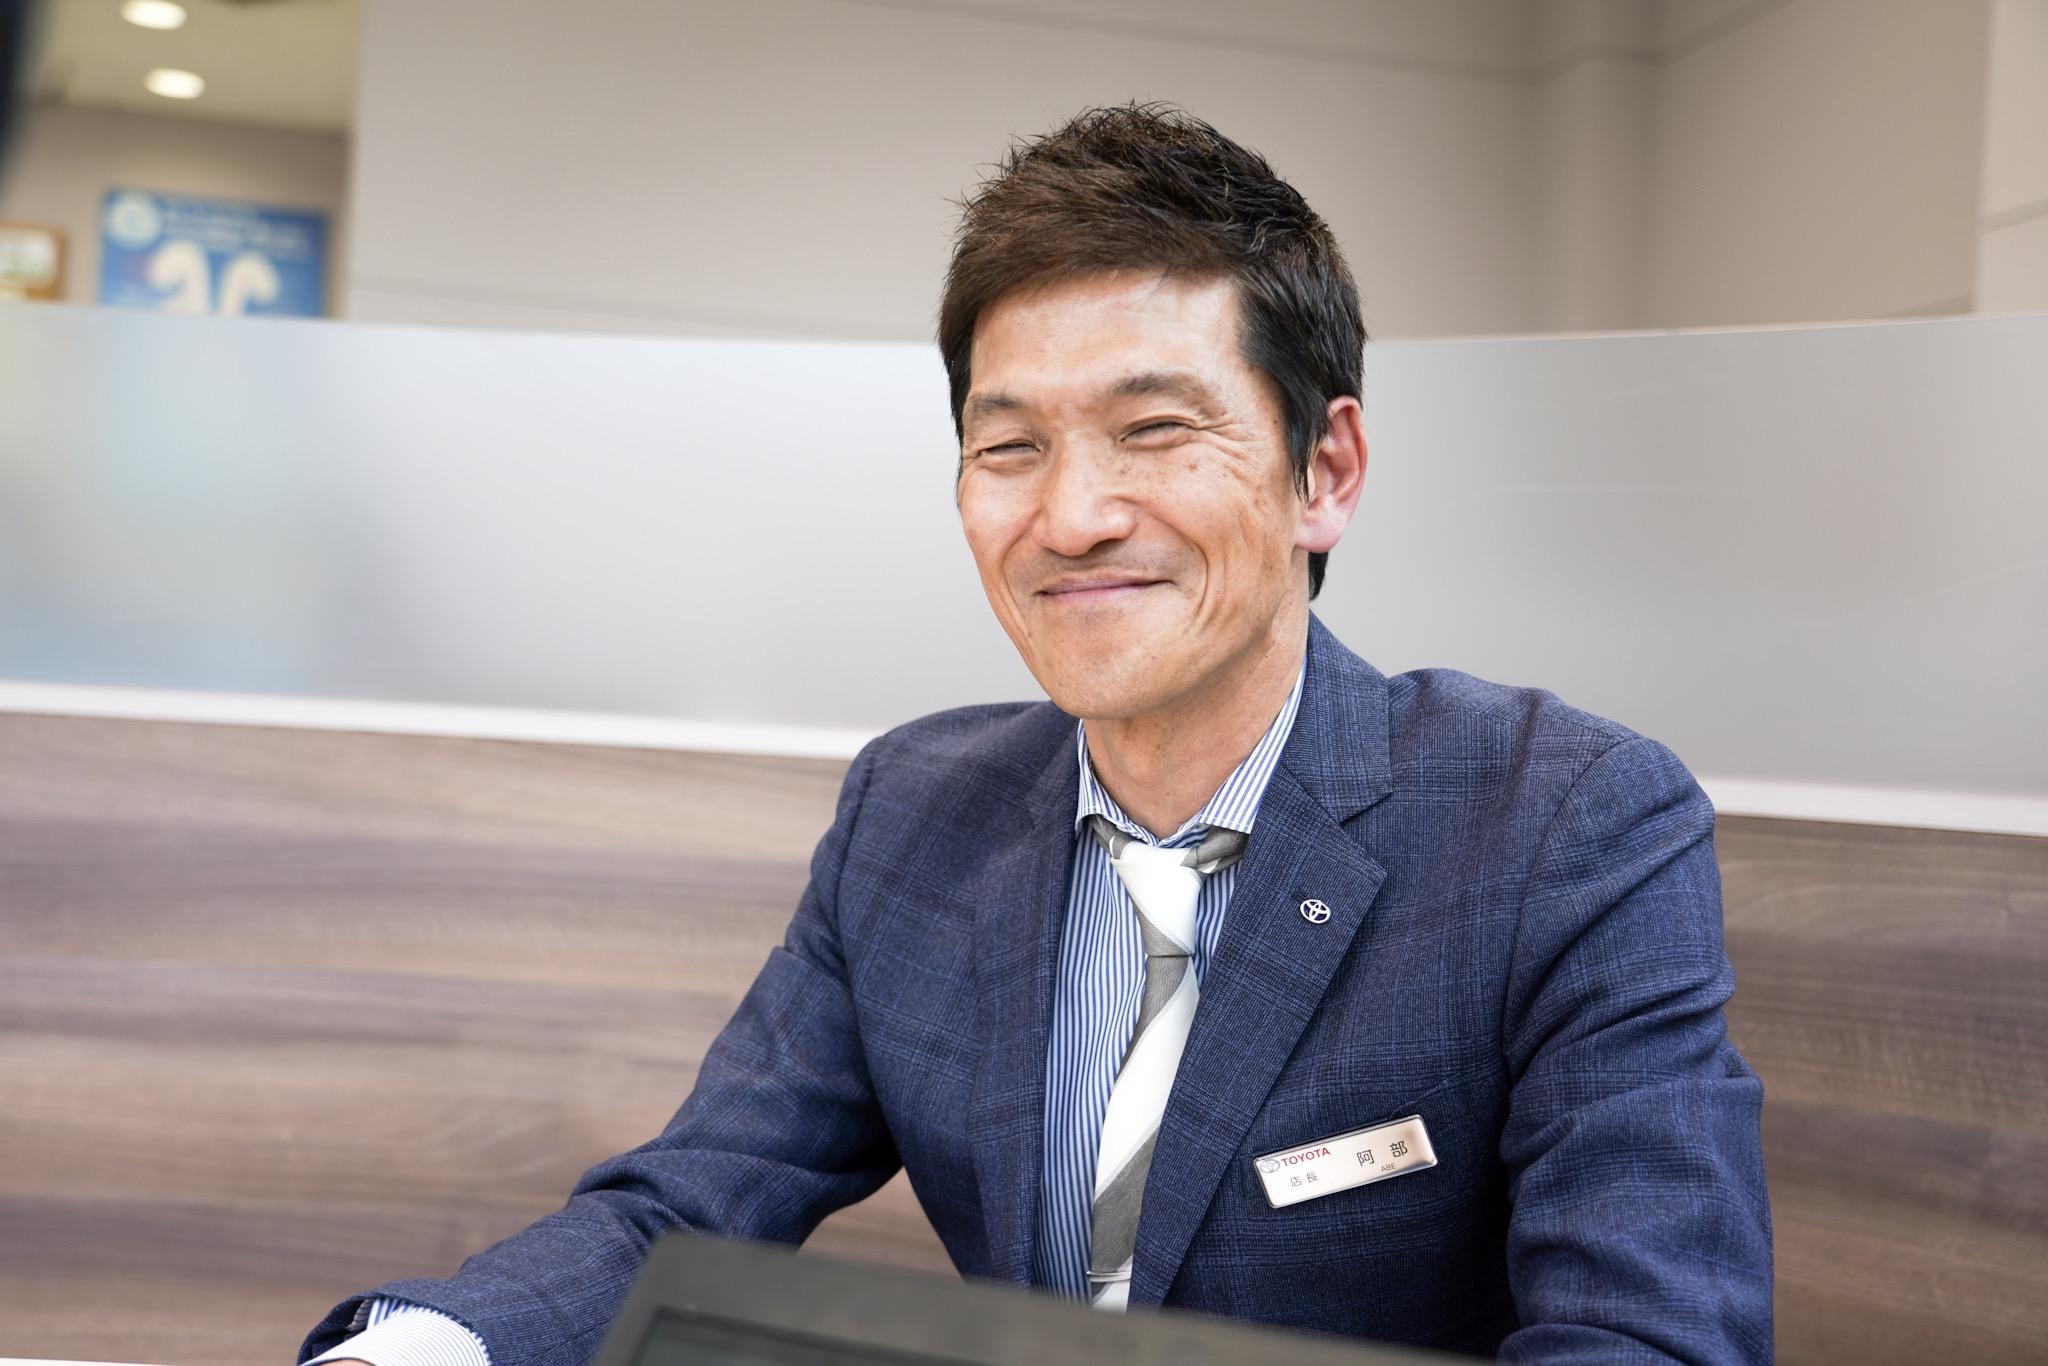 トヨタモビリティ東京 葛飾白鳥店 店長 阿部さん